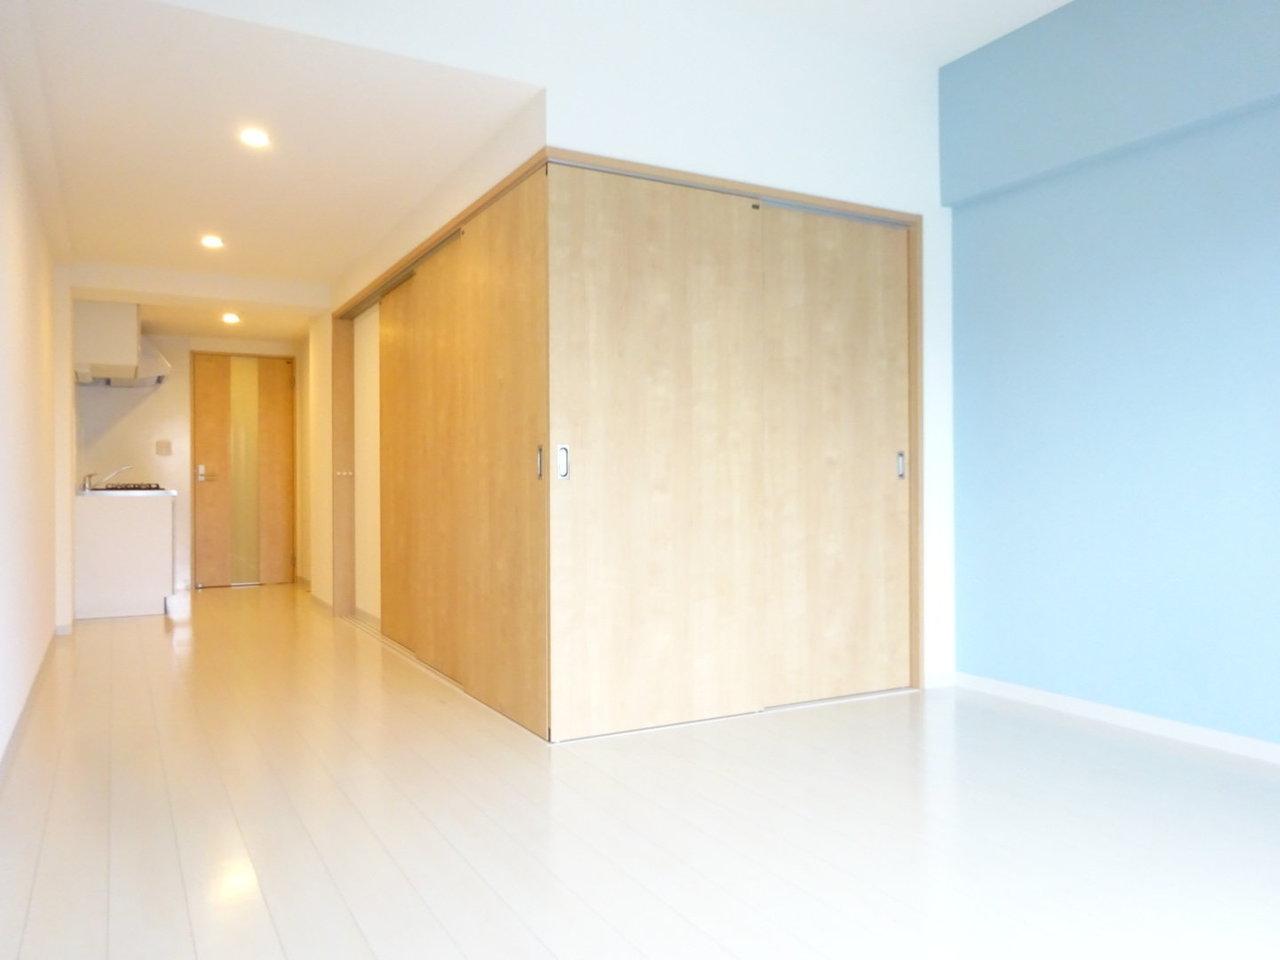 洋室との仕切りを閉めたらこんな感じ。木目の扉と、水色の壁紙の相性もいいですね。